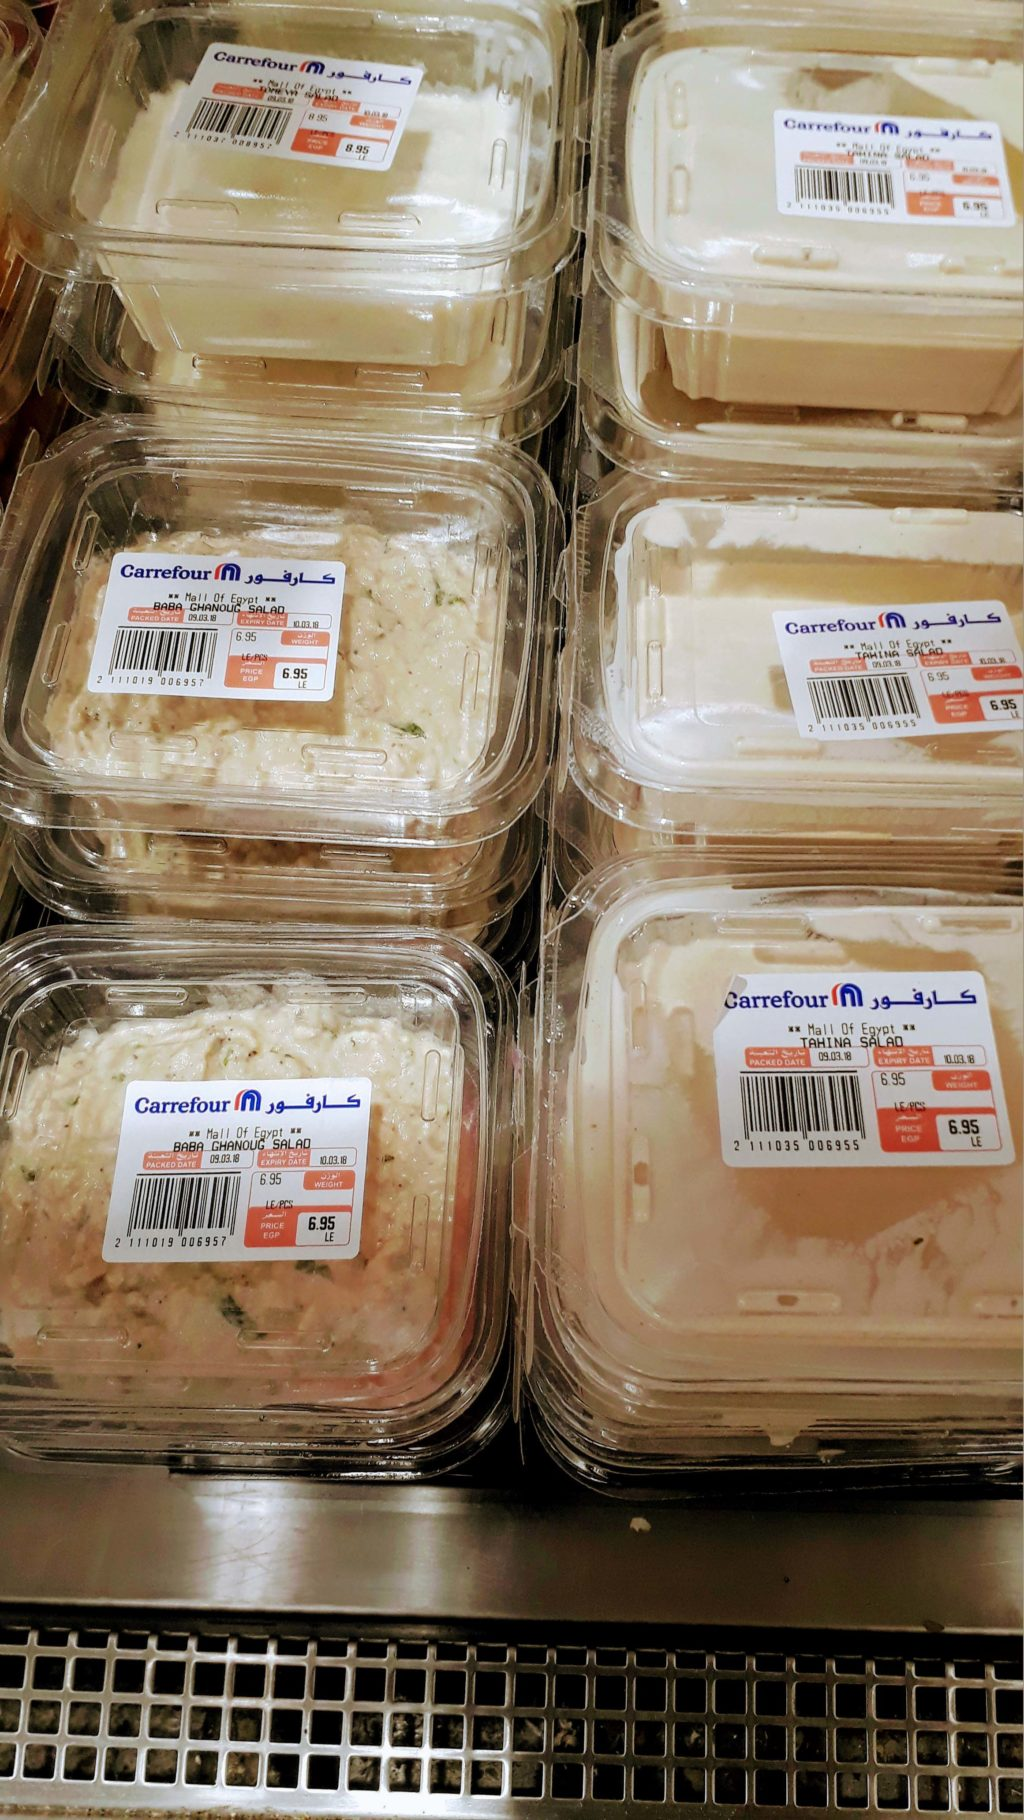 Frisches Baba Ganoush (Auberginenpüree) und Tahina (Sesamsoße) von Carrefour für je 7 Ägyptische Pfund (ca. 33 Cent)